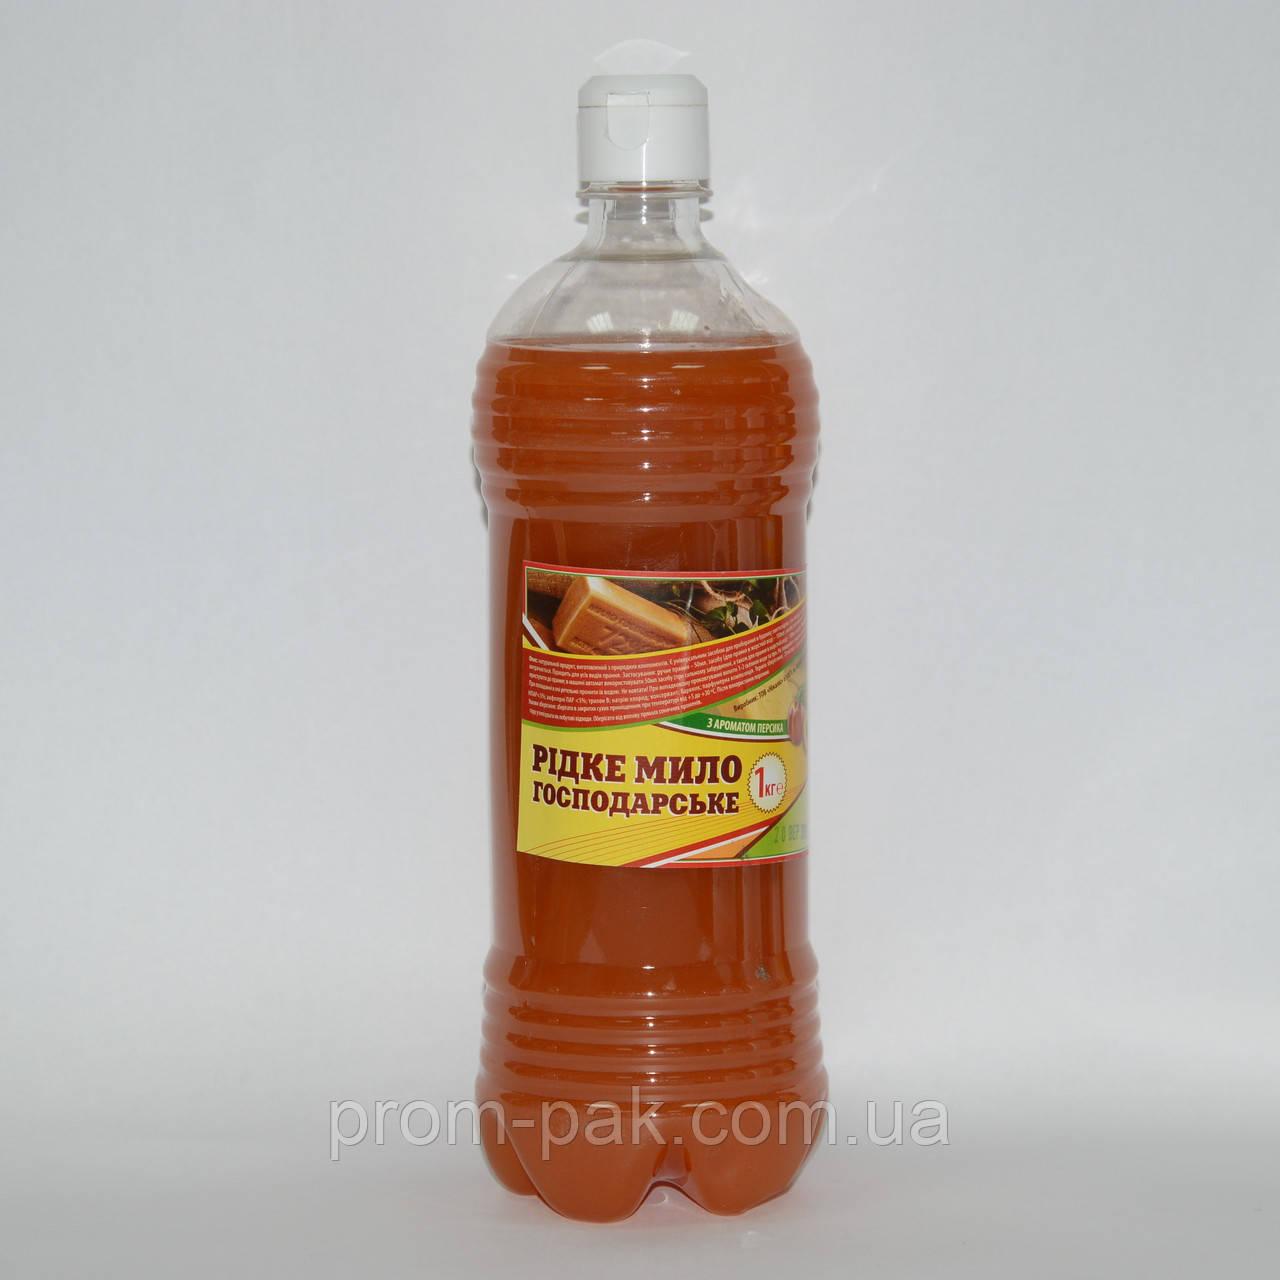 Мыло жидкое хозяйственное 1 л